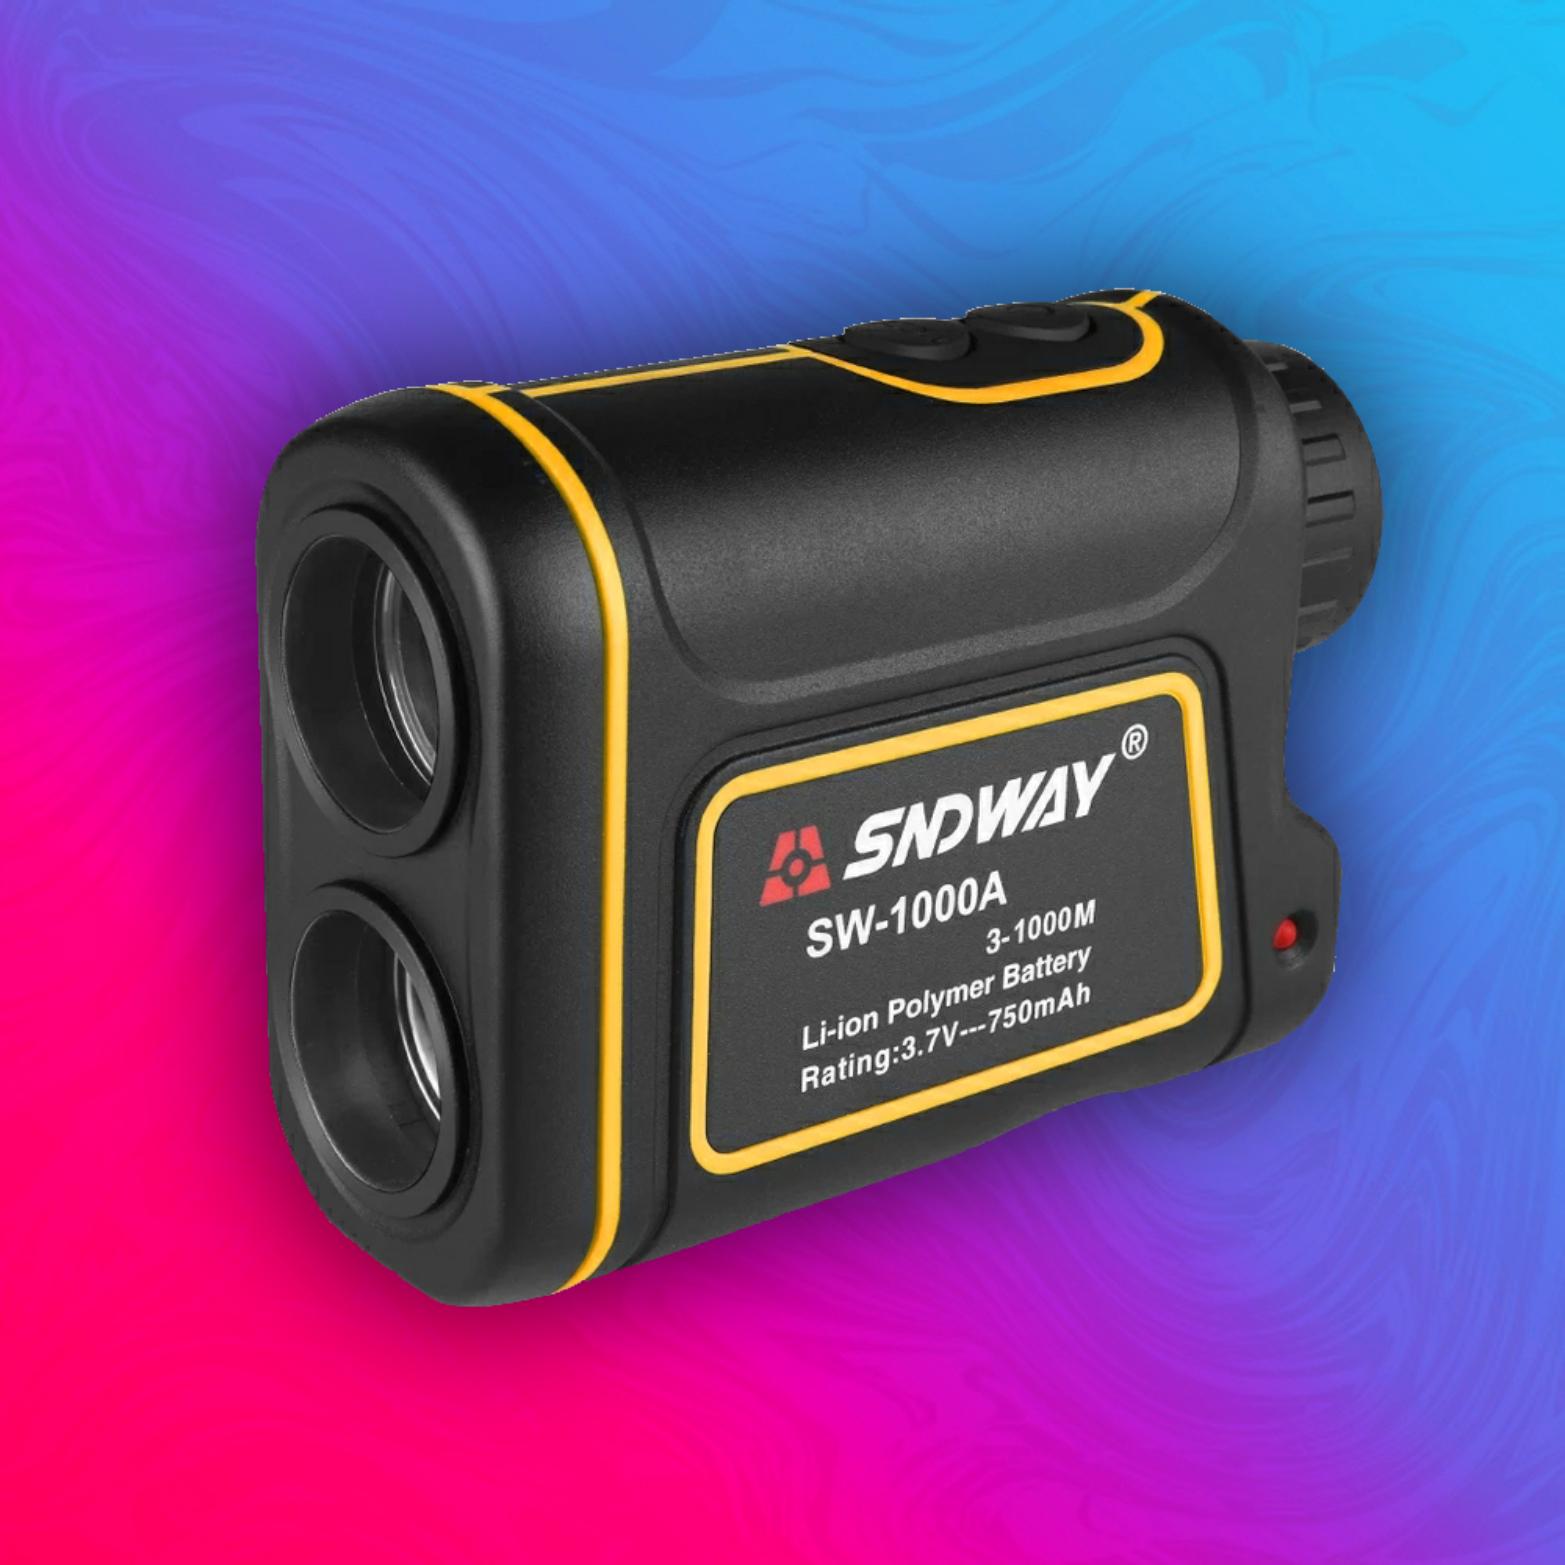 SNDWAY SW-1000A: Lasererntfernungsmesser - 1000M Reichweite - Höhe, Winkel, Geschwindigkeit - 7X Zoom - 750mAh Akku